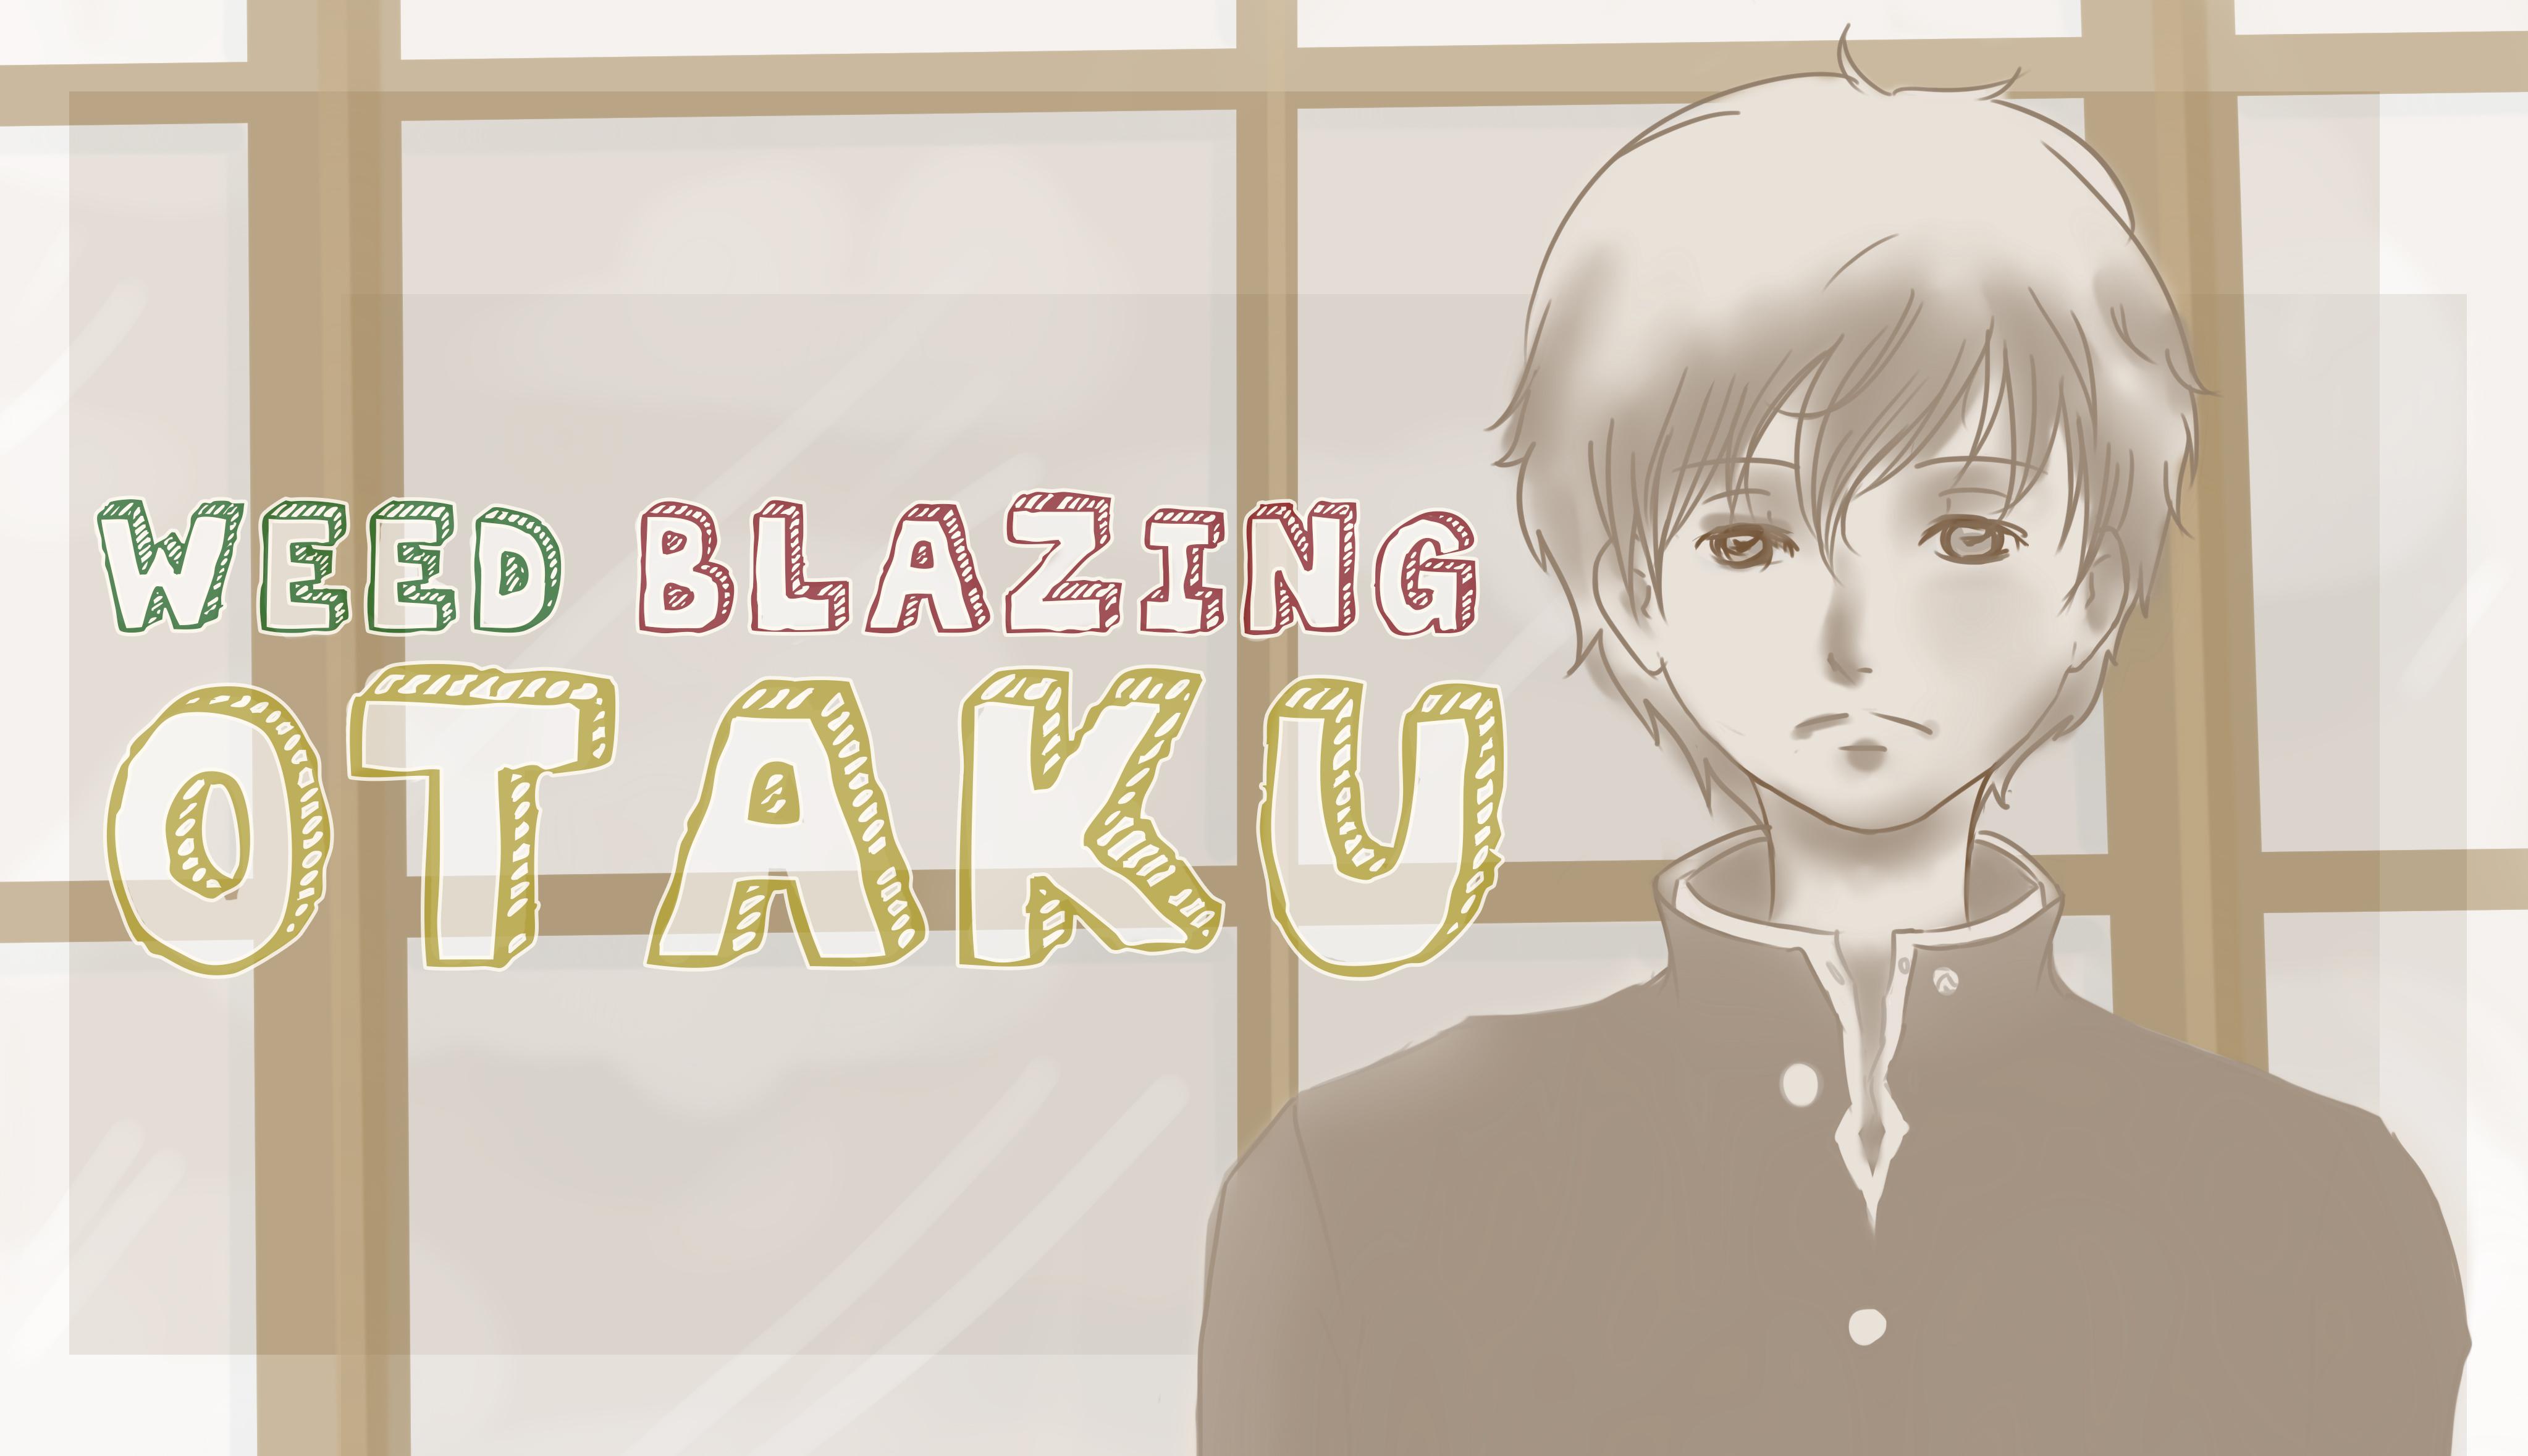 Weed Blazing Otaku